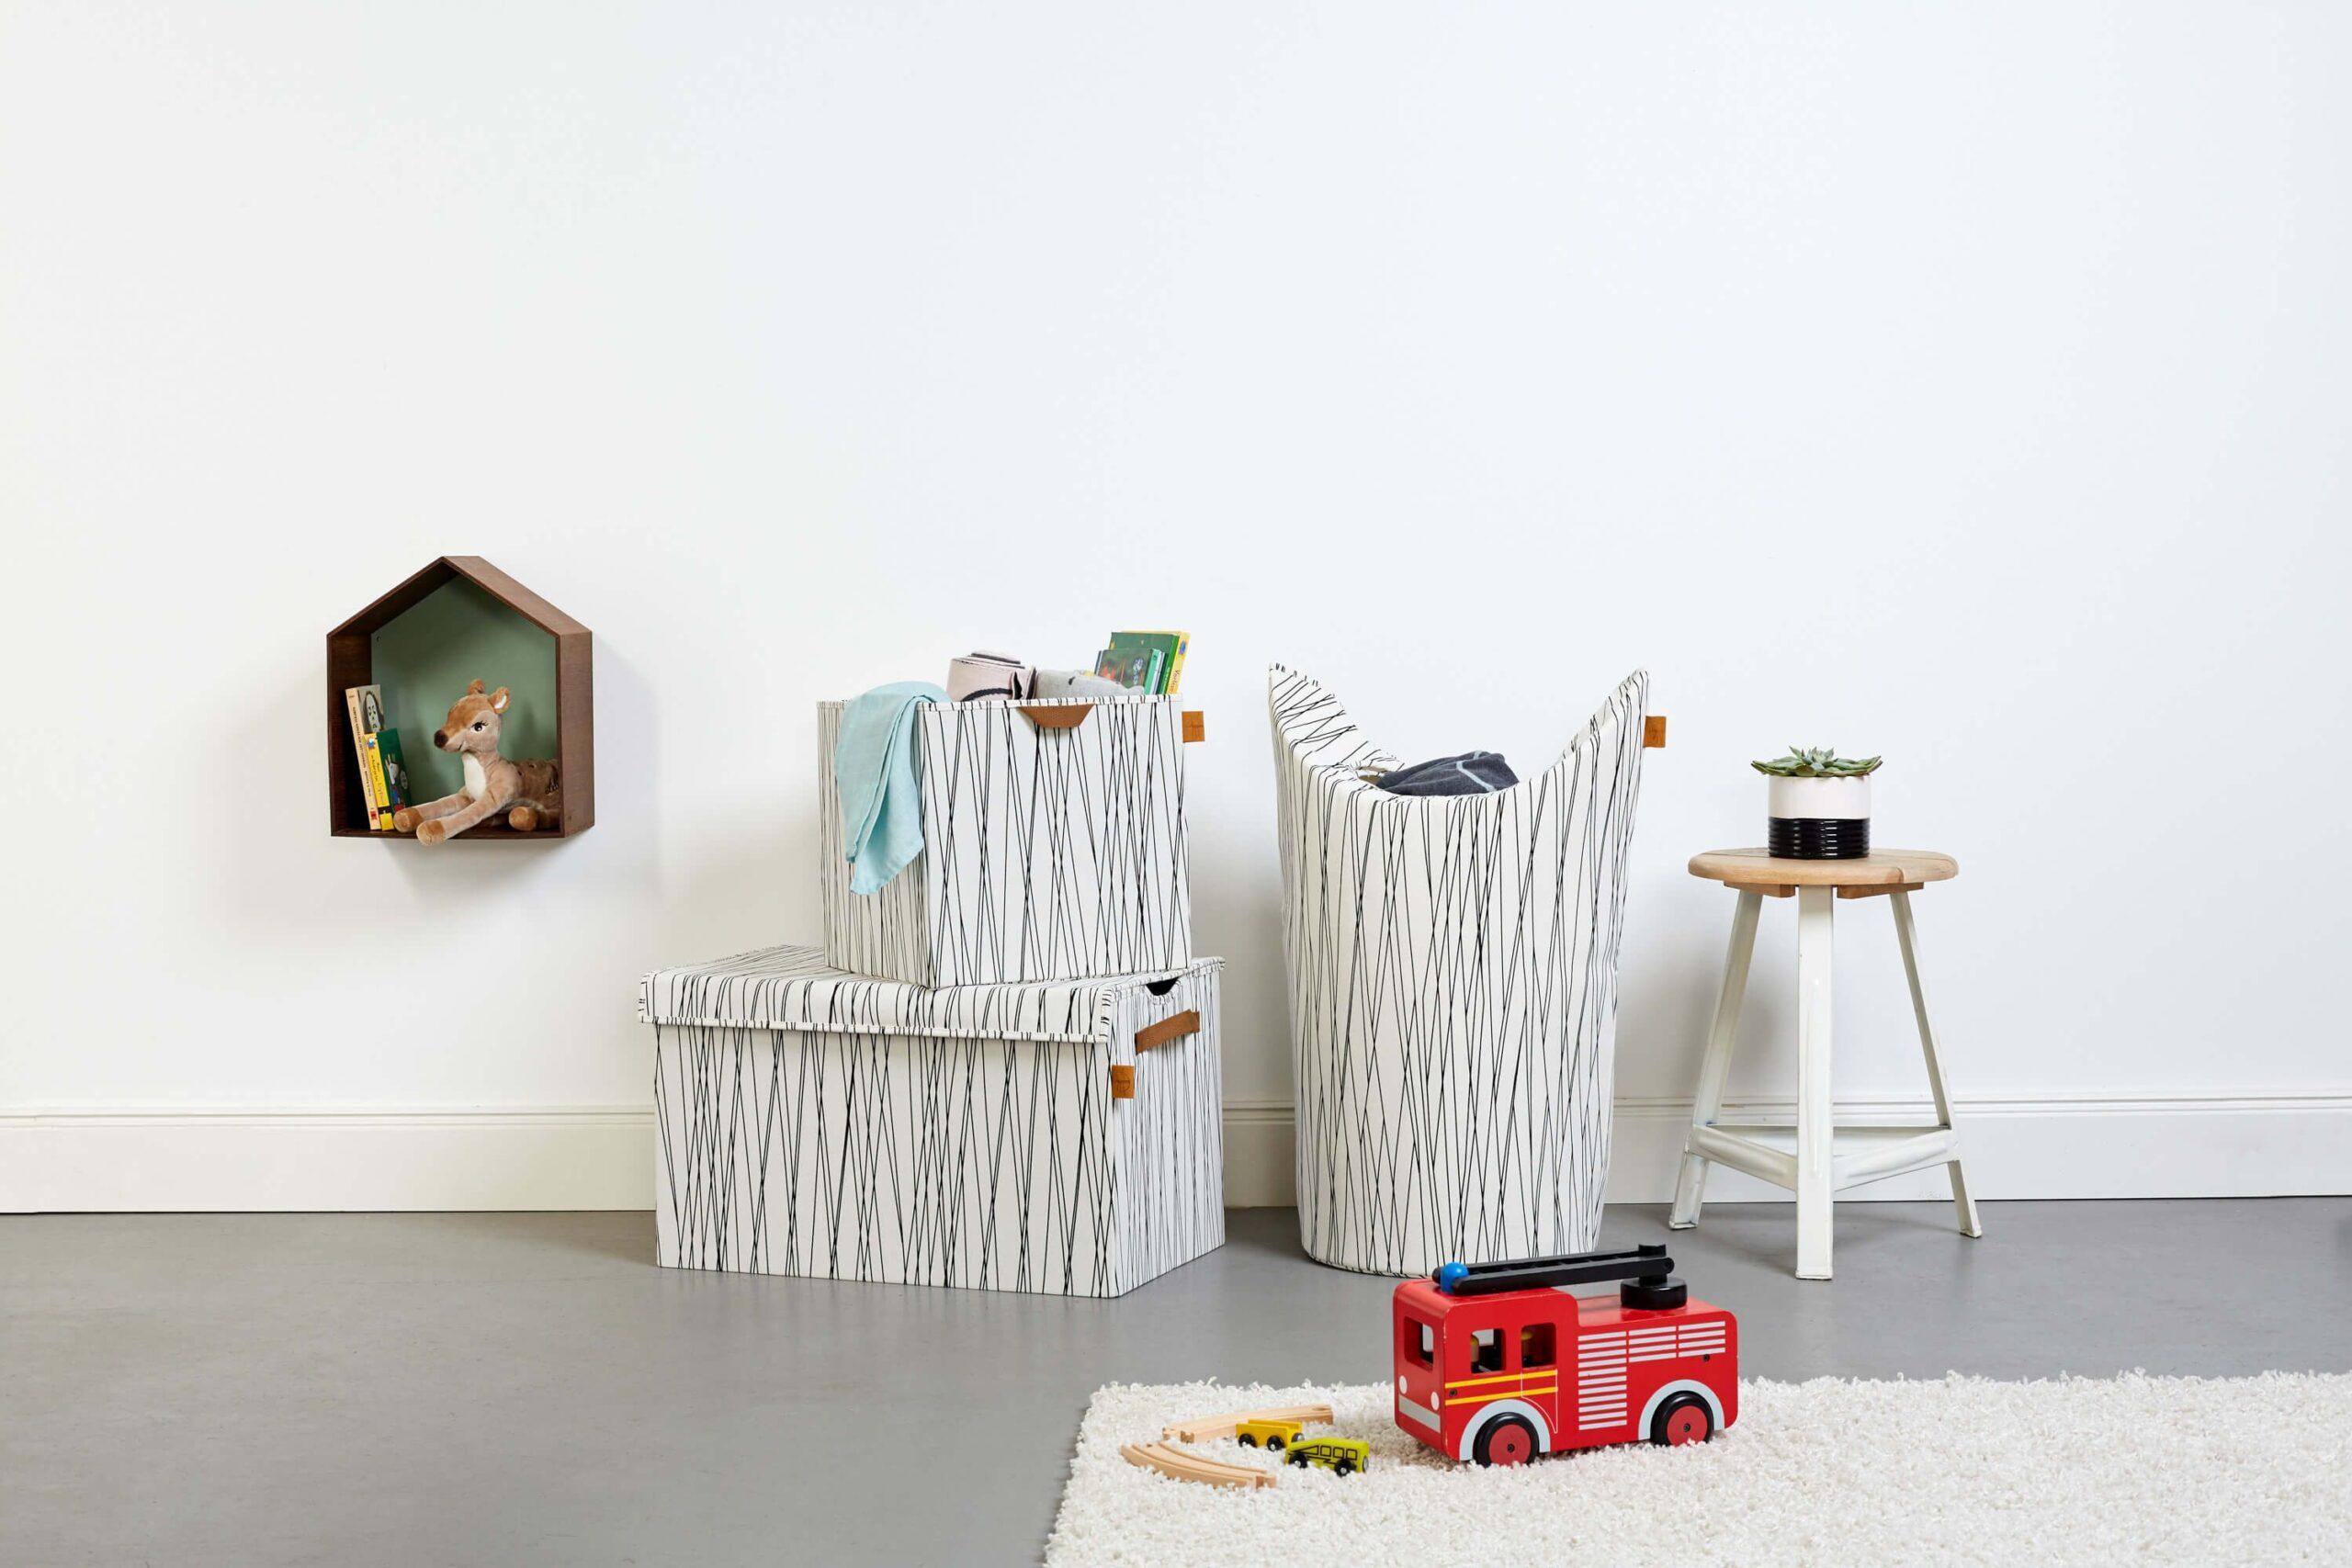 Full Size of Wäschekorb Kinderzimmer Wschebehlter Allover Rays Regal Sofa Weiß Regale Kinderzimmer Wäschekorb Kinderzimmer